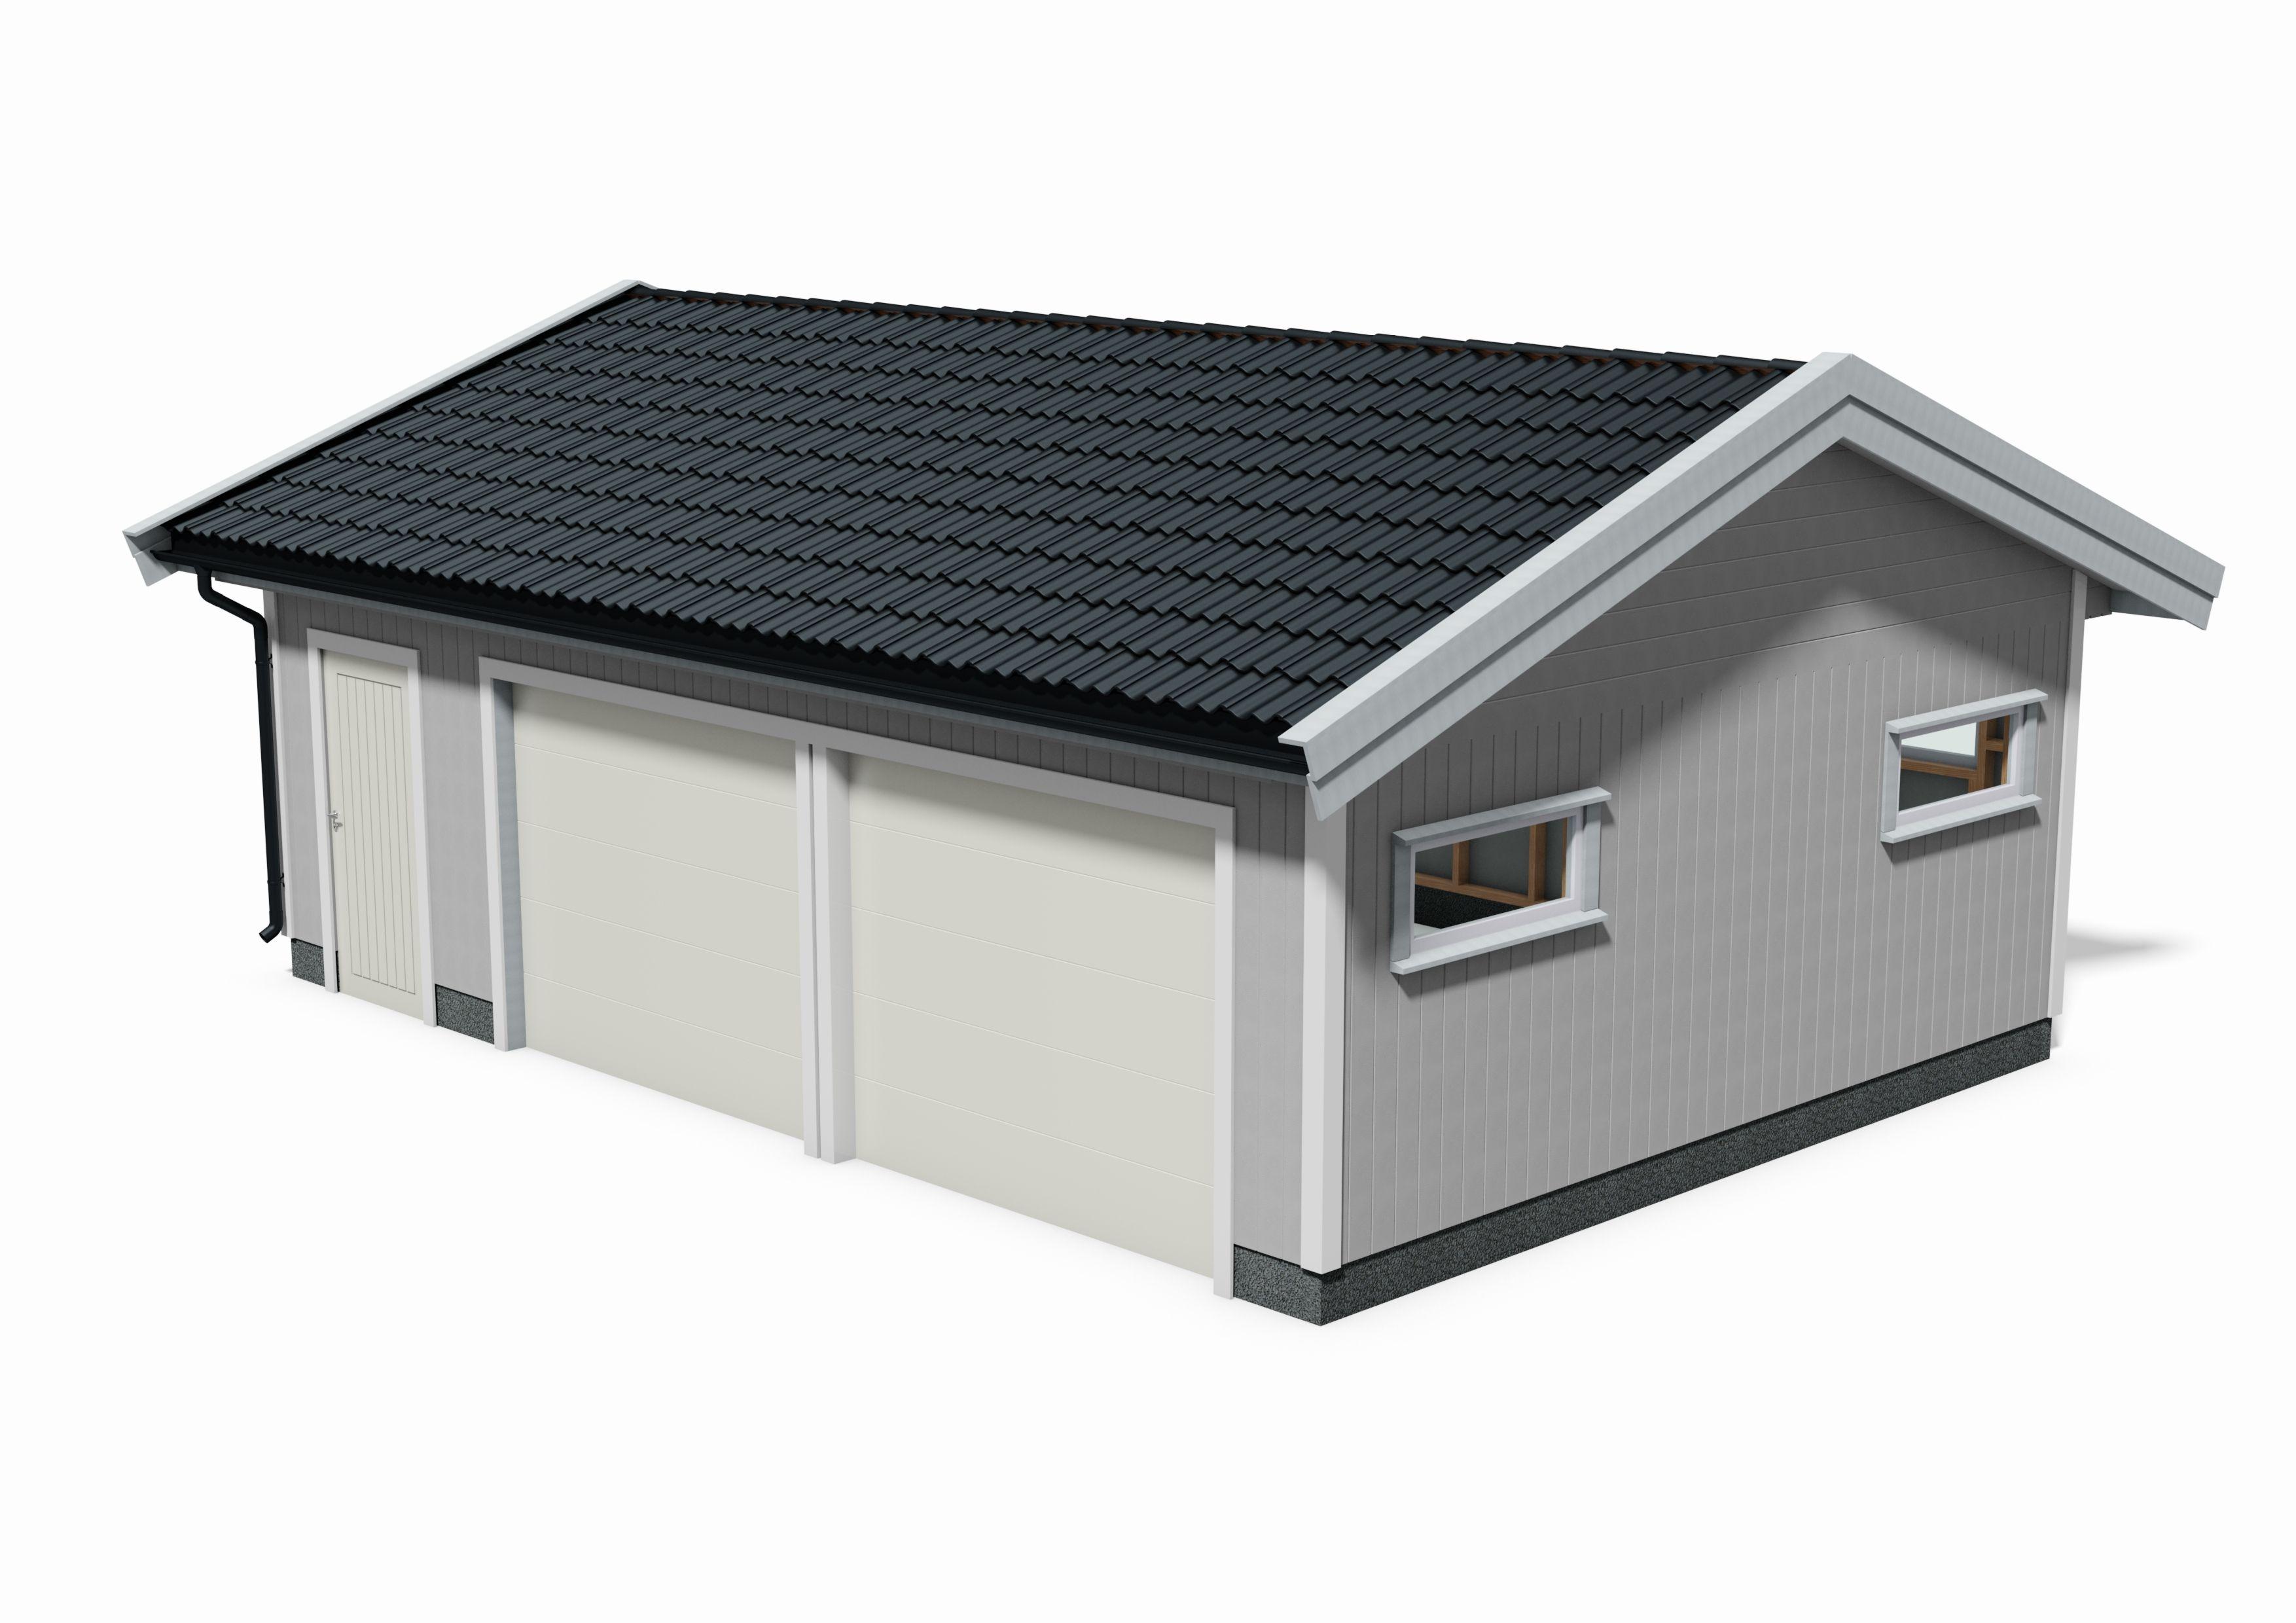 tegning dobbel garasje 8,2m x 5,8m med 2 porter og